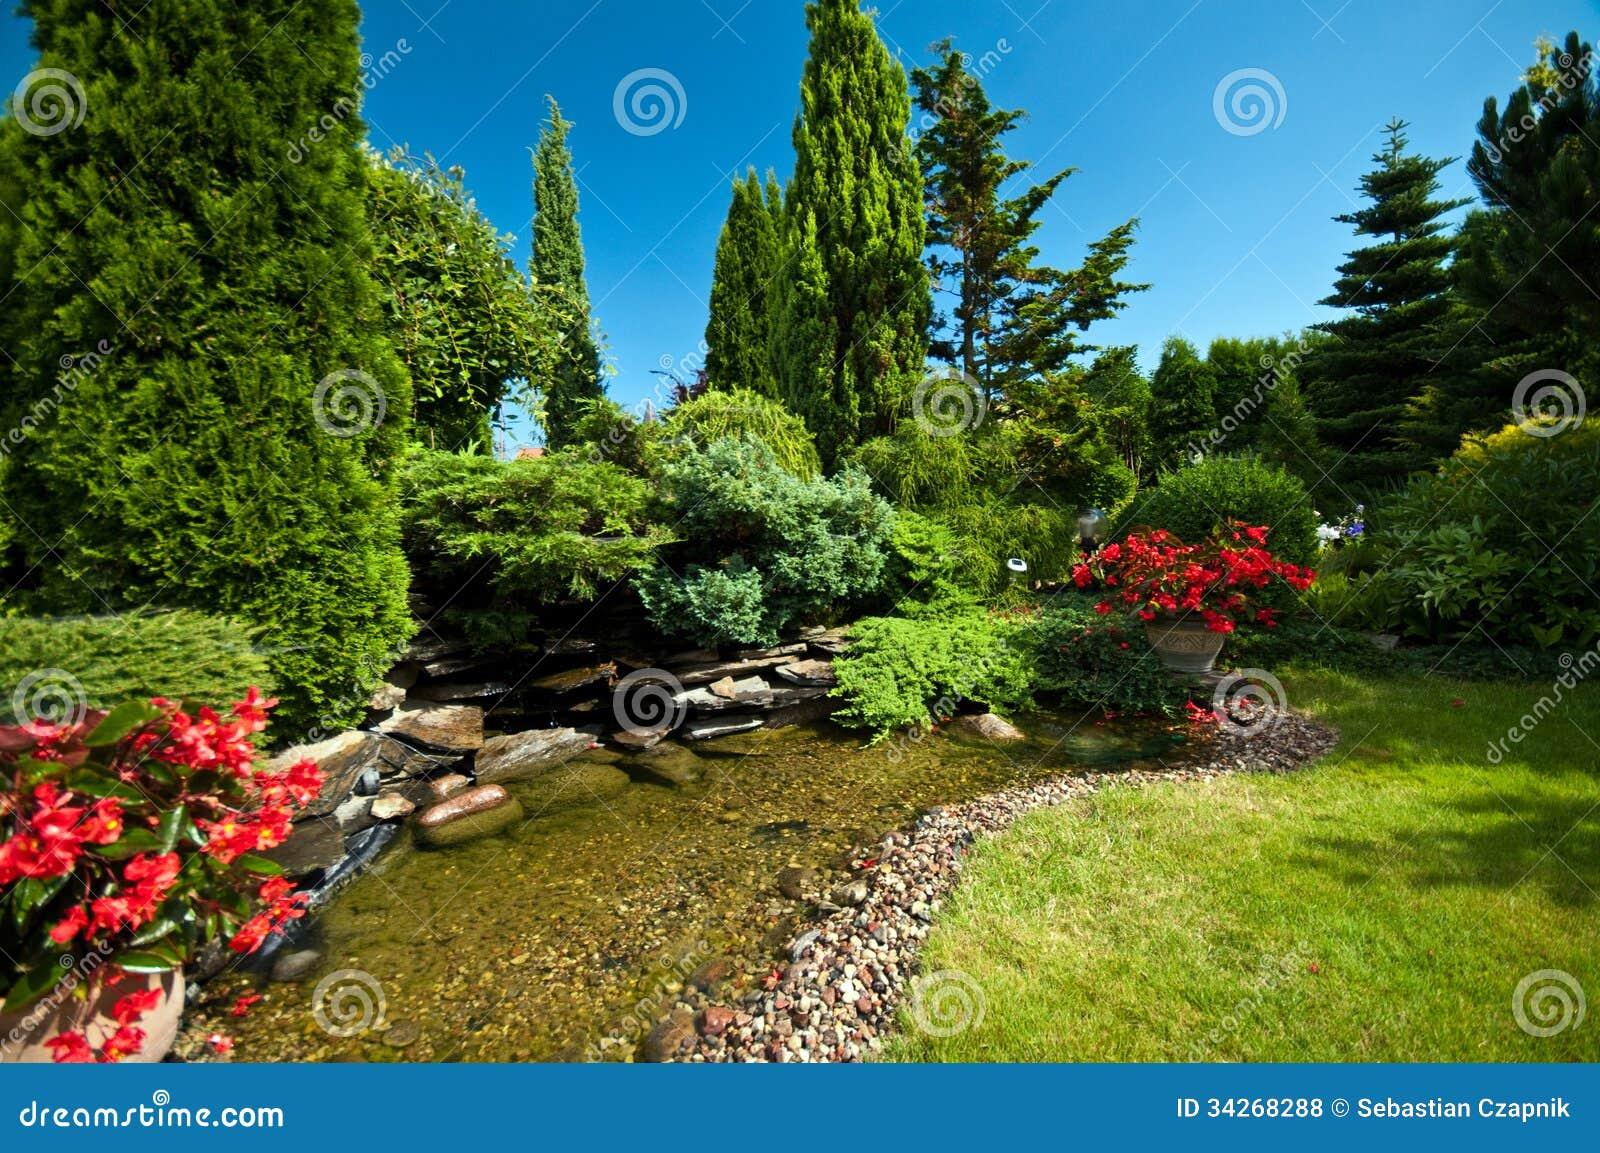 Étang Dans Le Jardin Aménagé En Parc Photo stock - Image du ciel ...